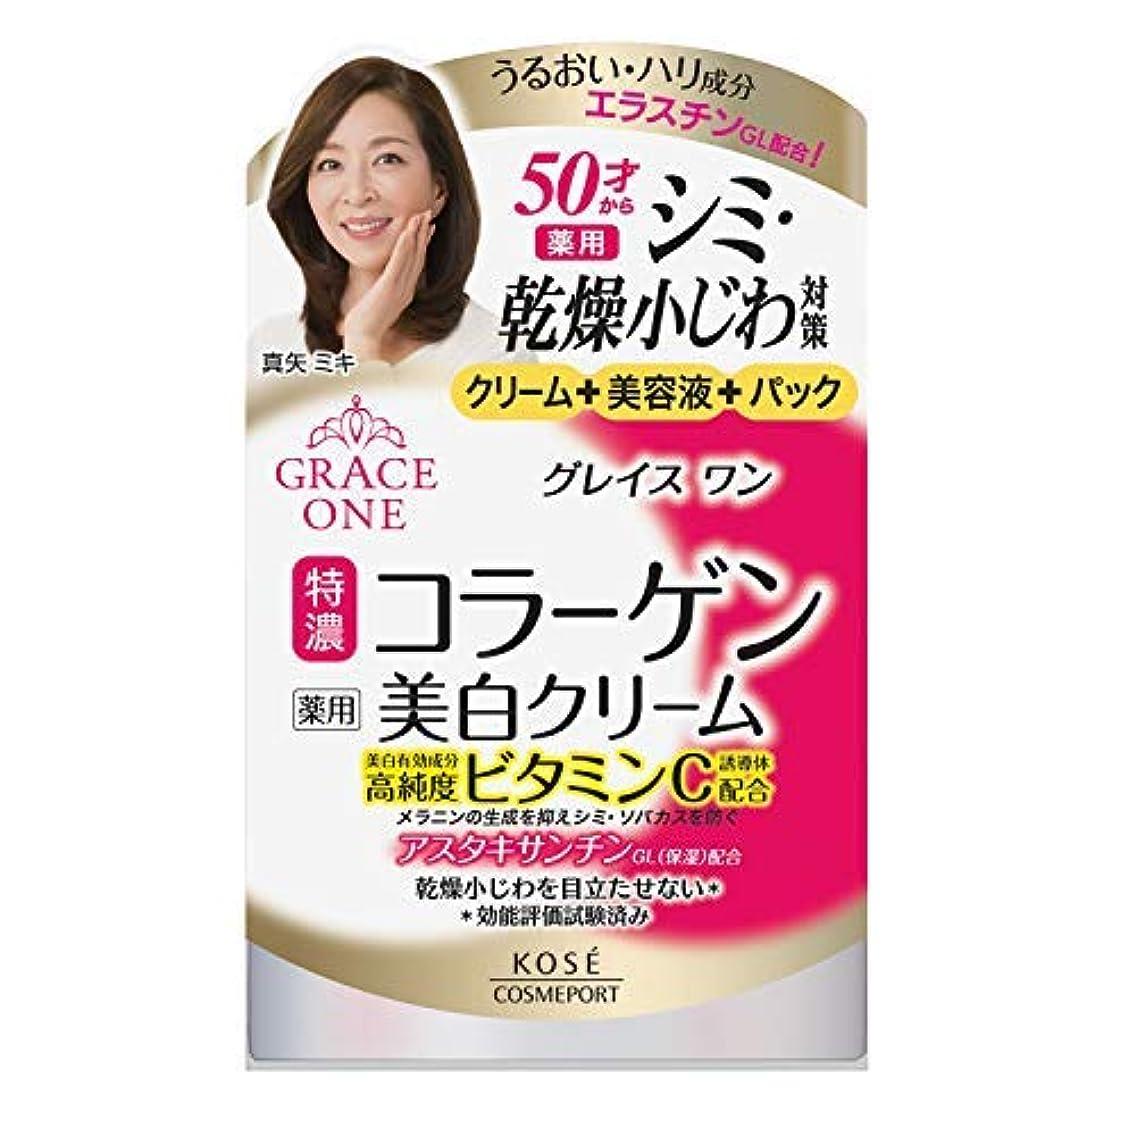 ベギン海クロール(医薬部外品) KOSE コーセー グレイスワン 薬用美白 ホワイトニング クリーム 100g